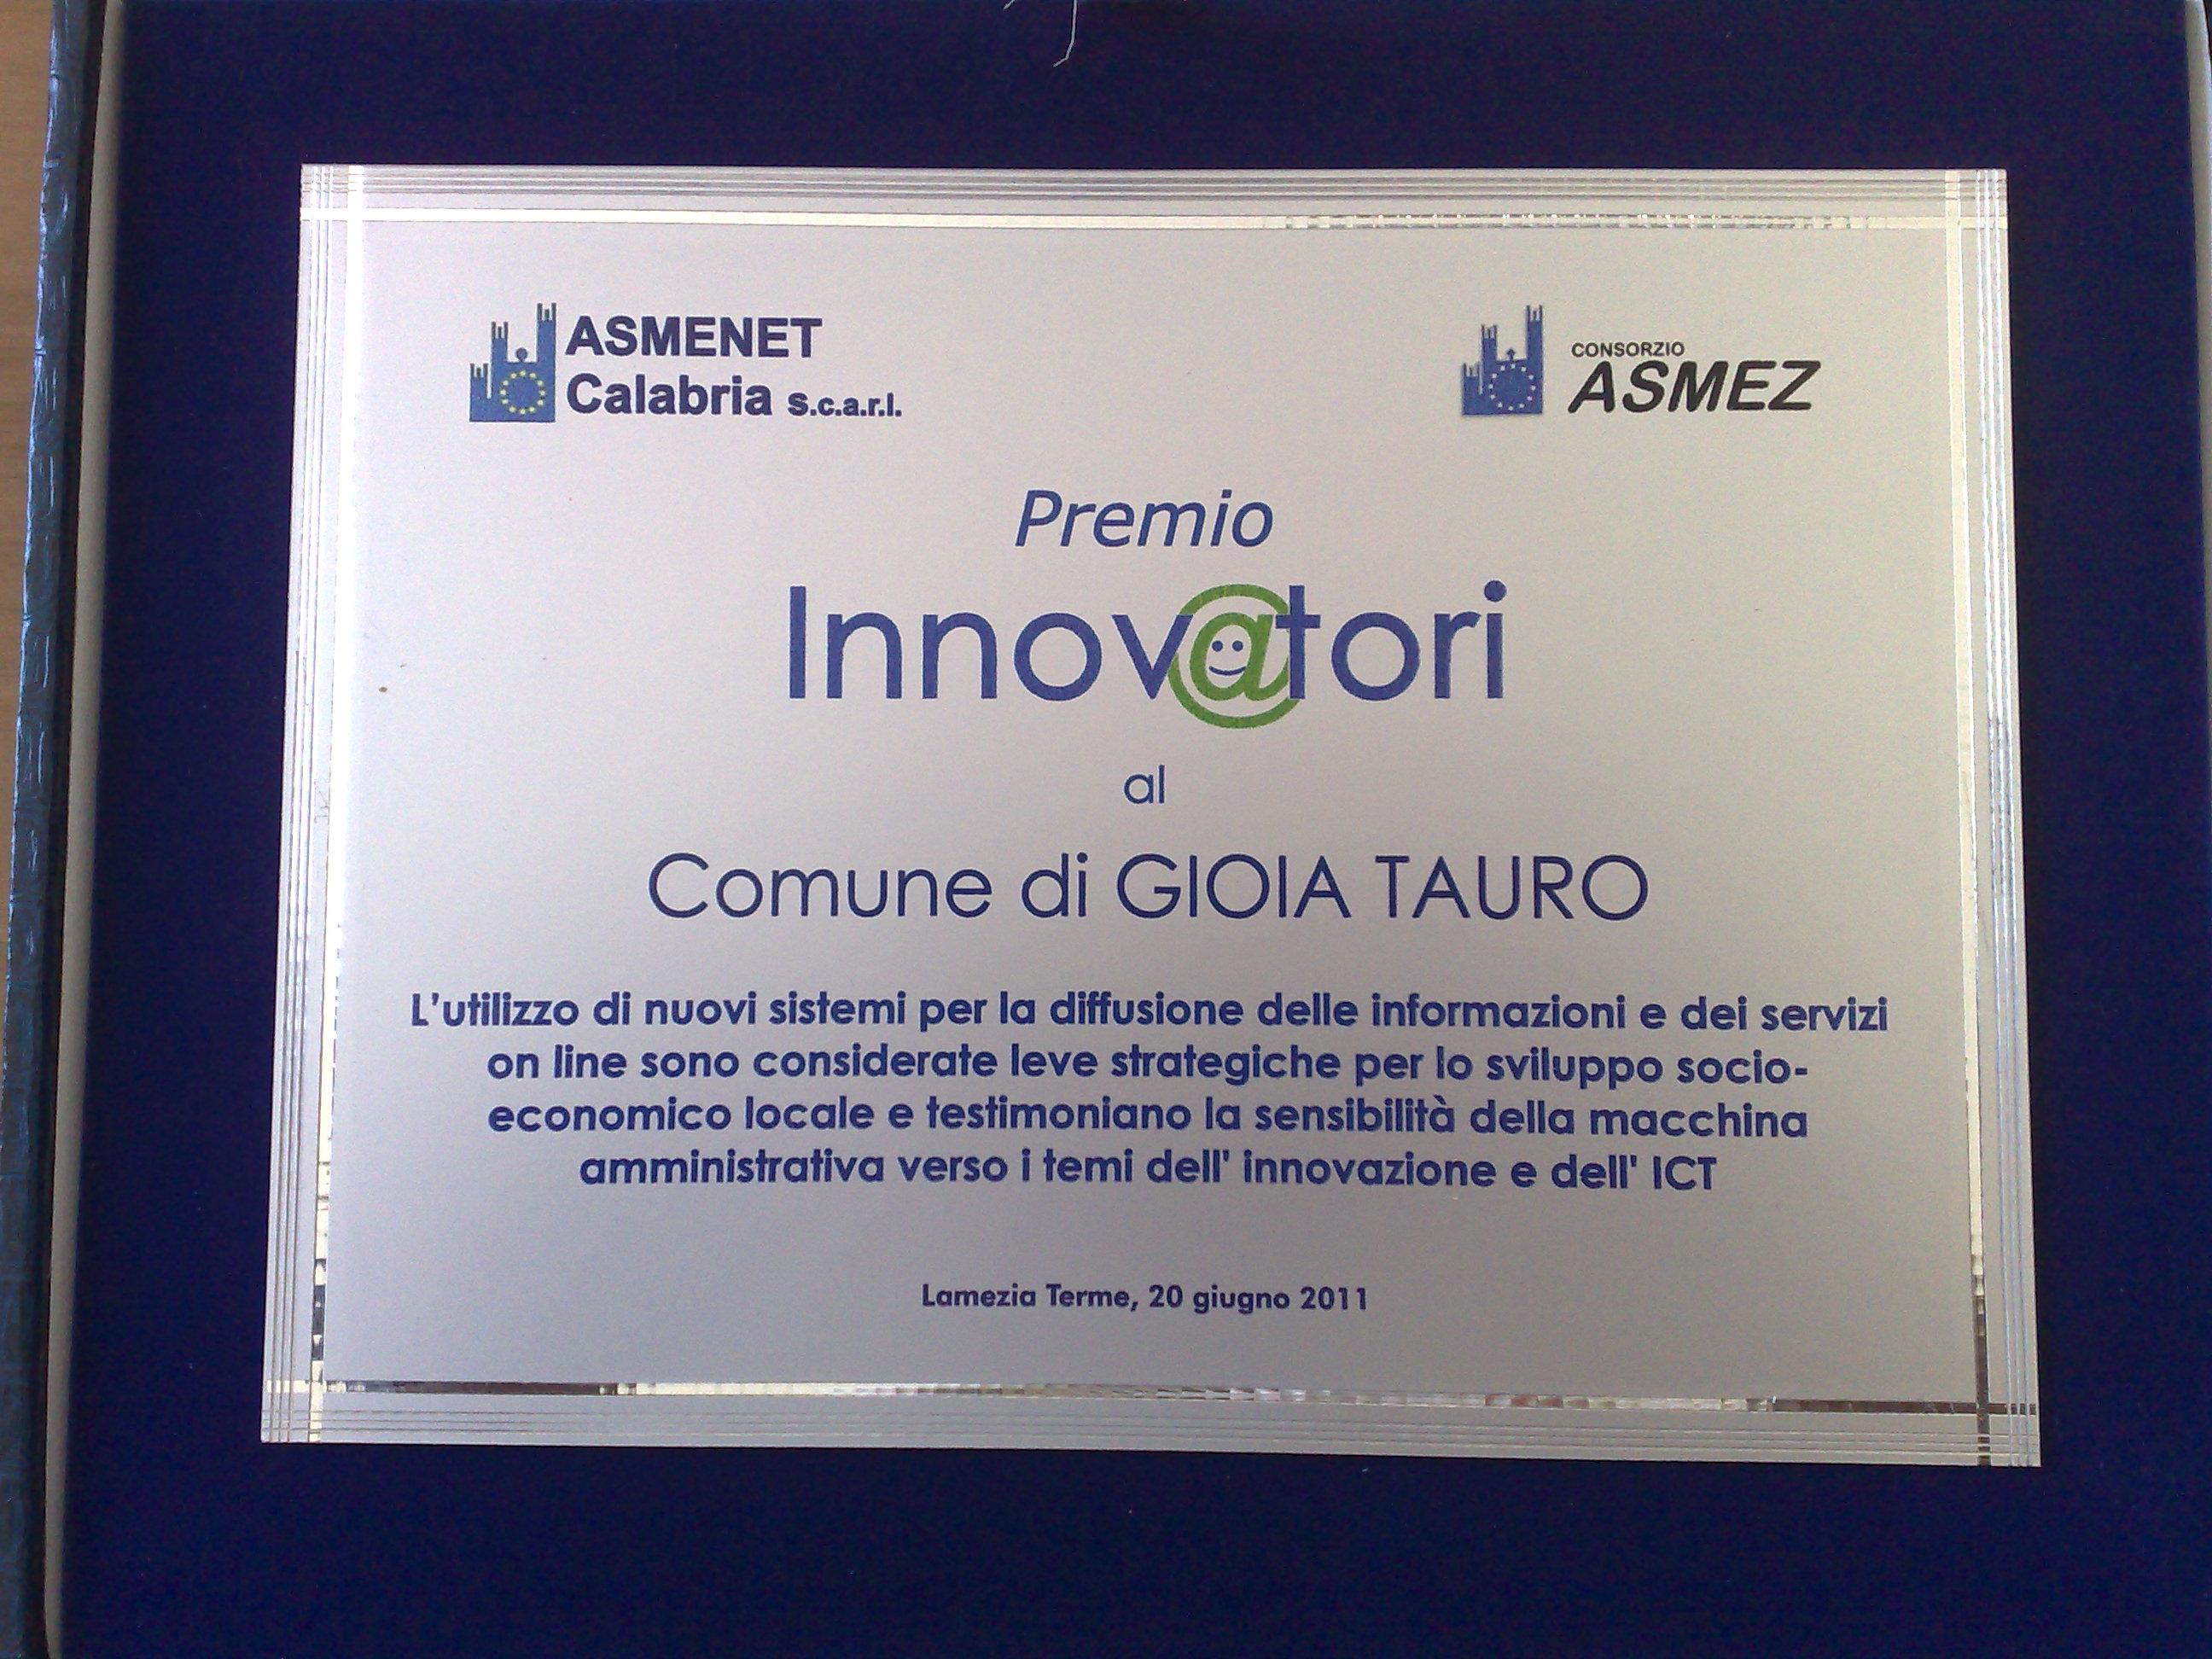 Doppio premio per il Comune di Gioia Tauro - Ntacalabria.it